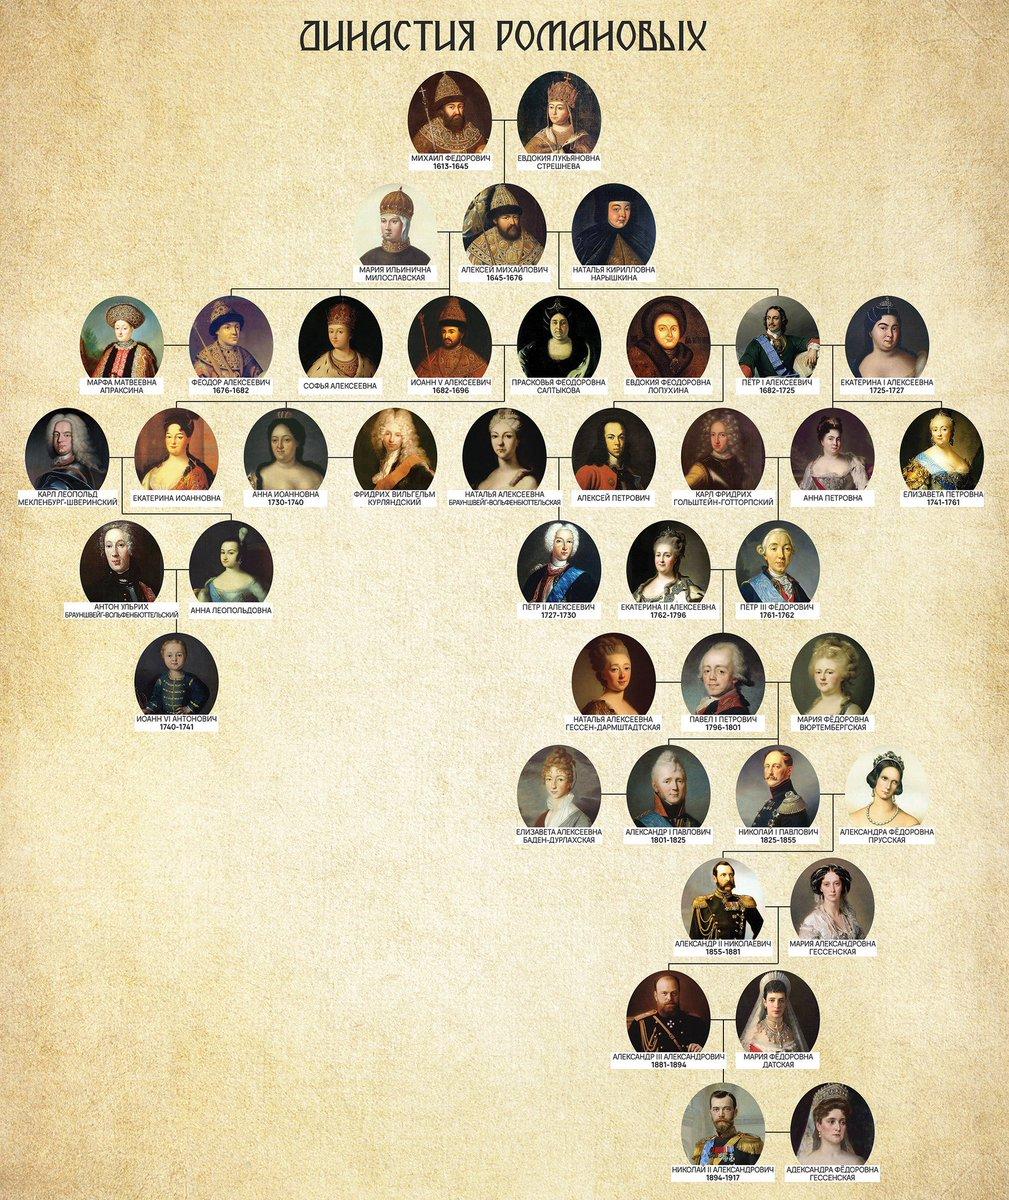 разведении фотографии всей династии романовых только портит внешний